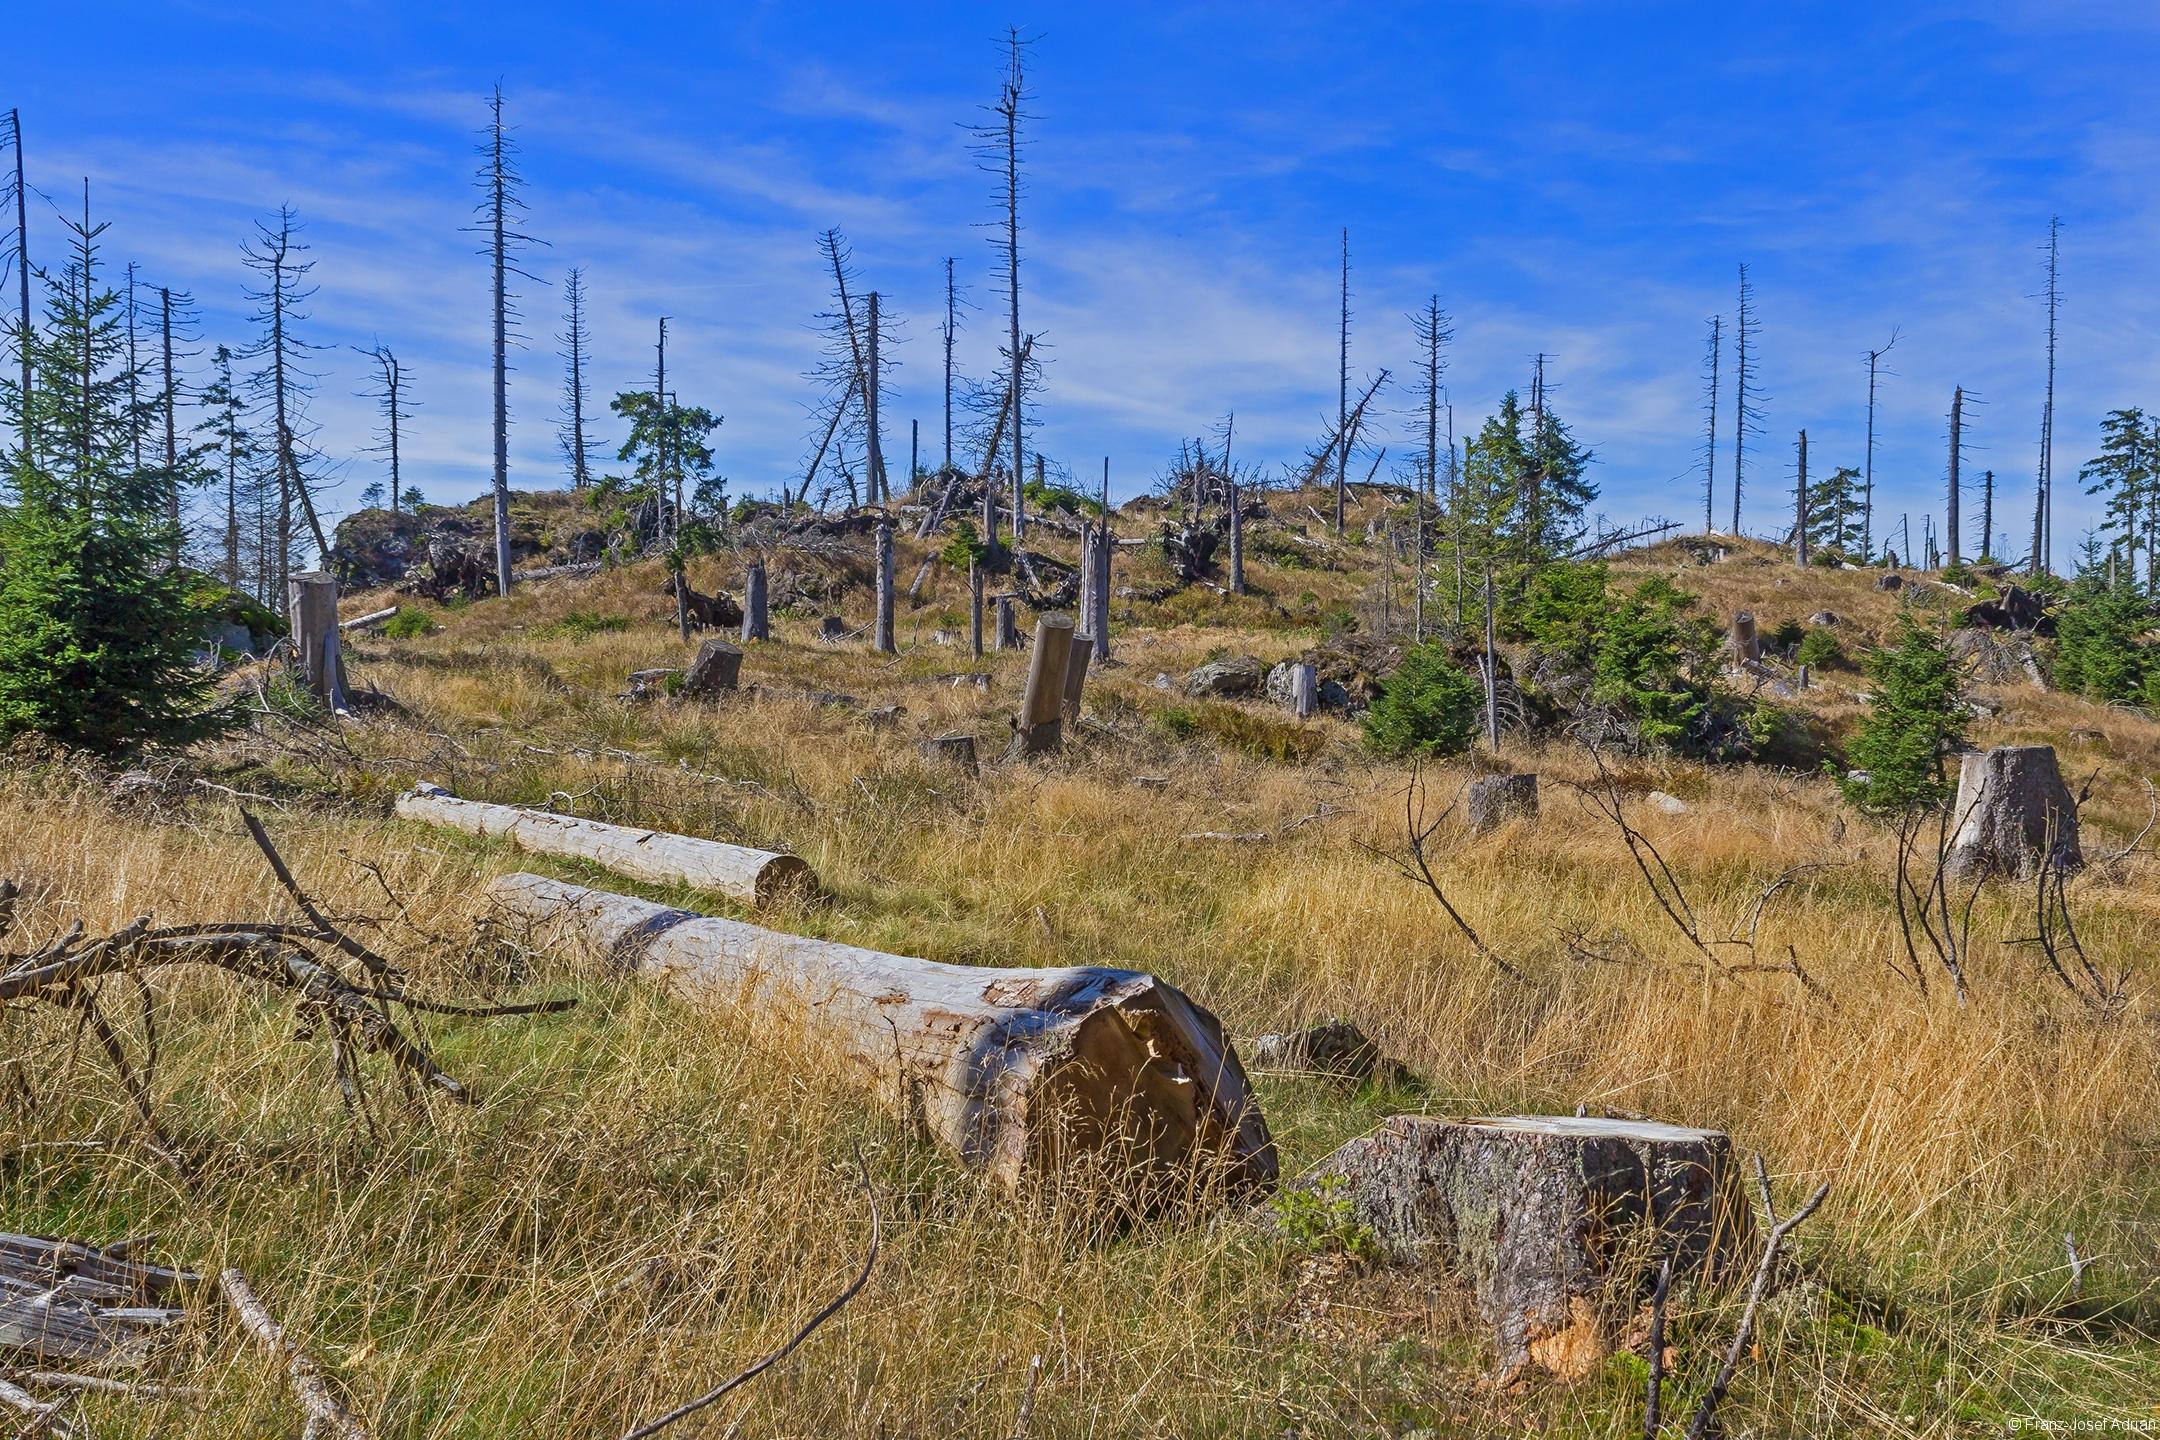 zwei handendrindete und liegen gelassene Baumstämme: Alibi-Totholz